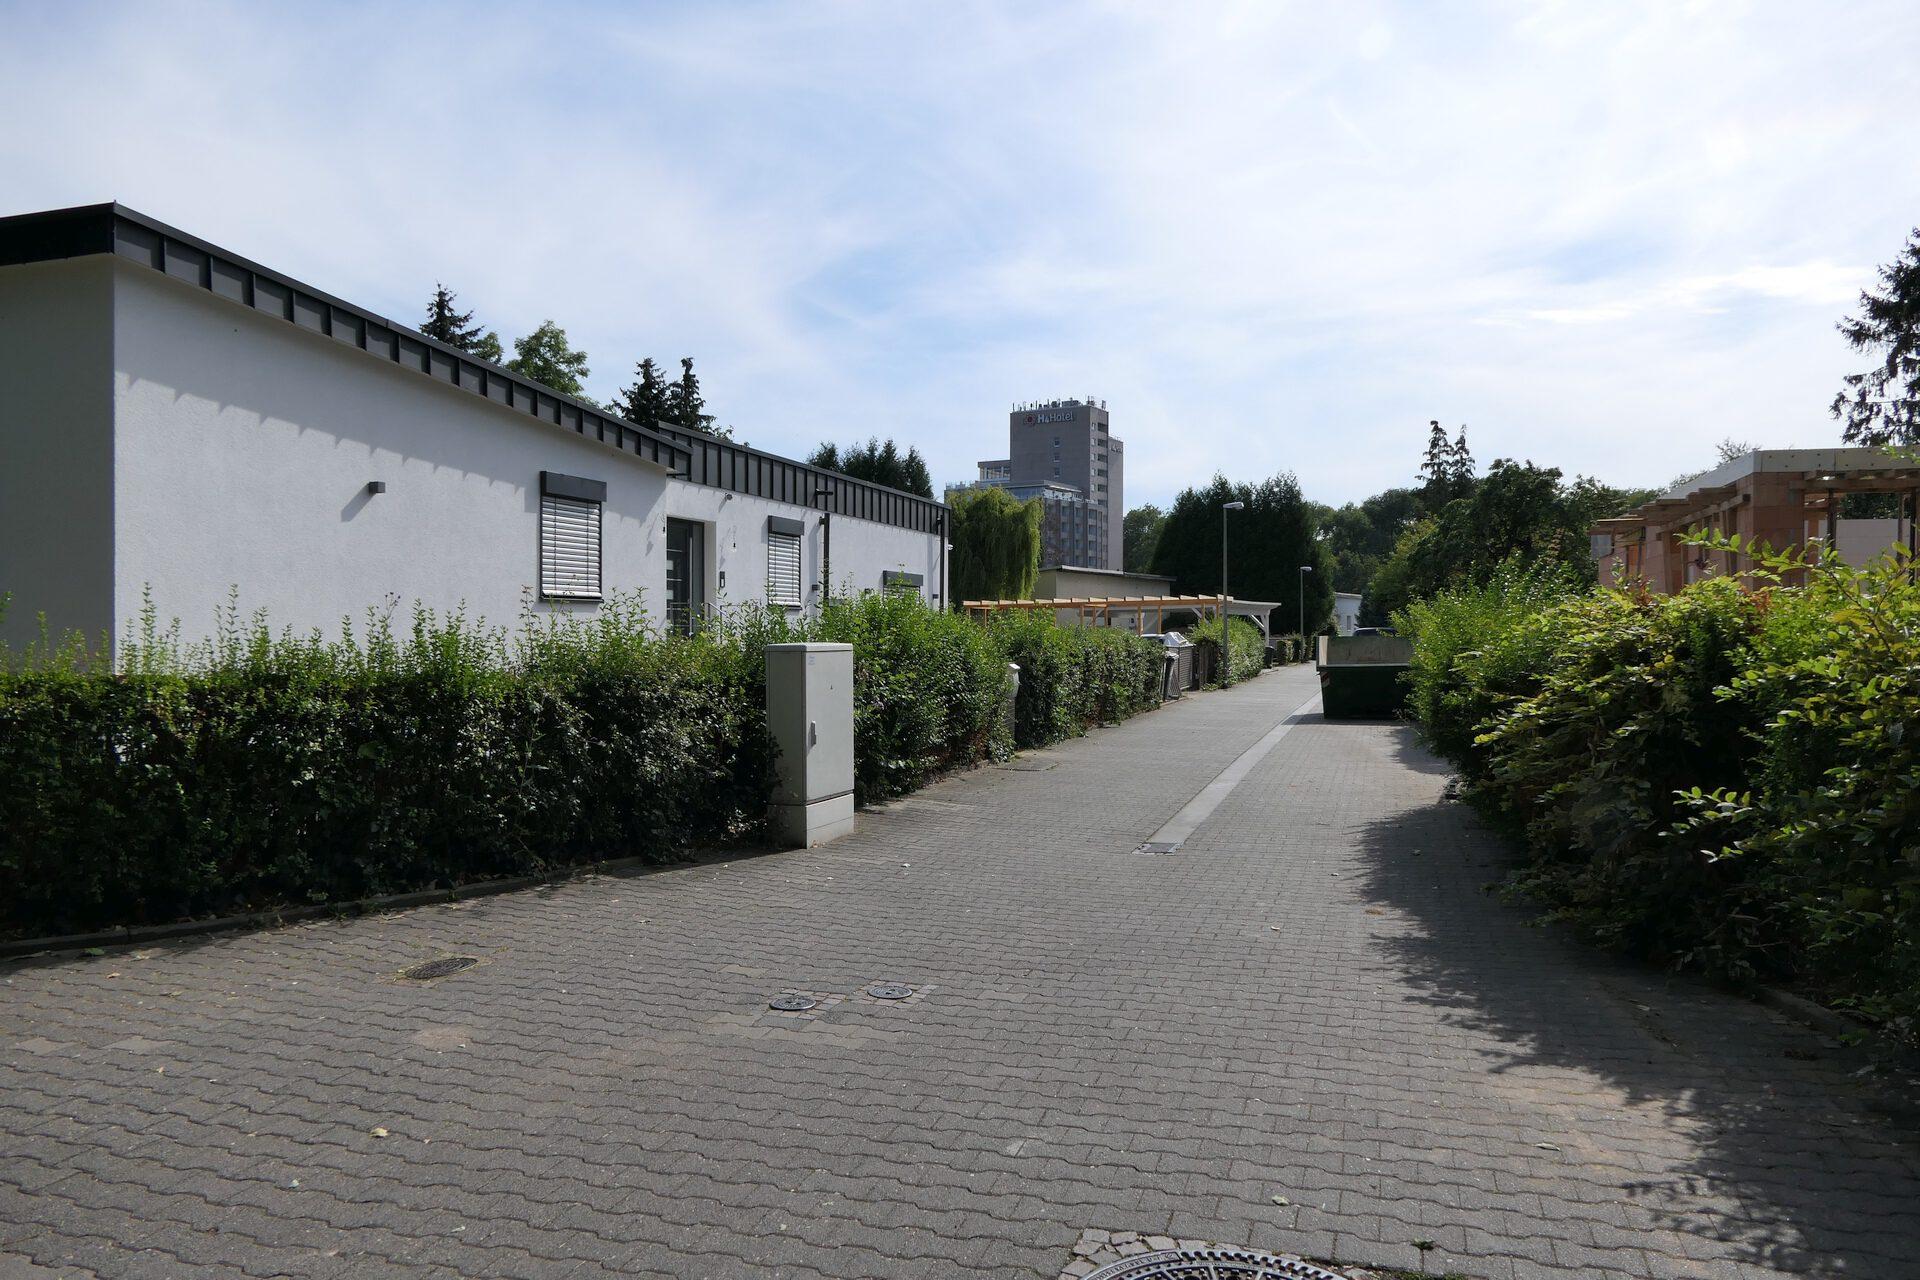 Osten von Frankfurt am Main Nied (Am Neufeld)